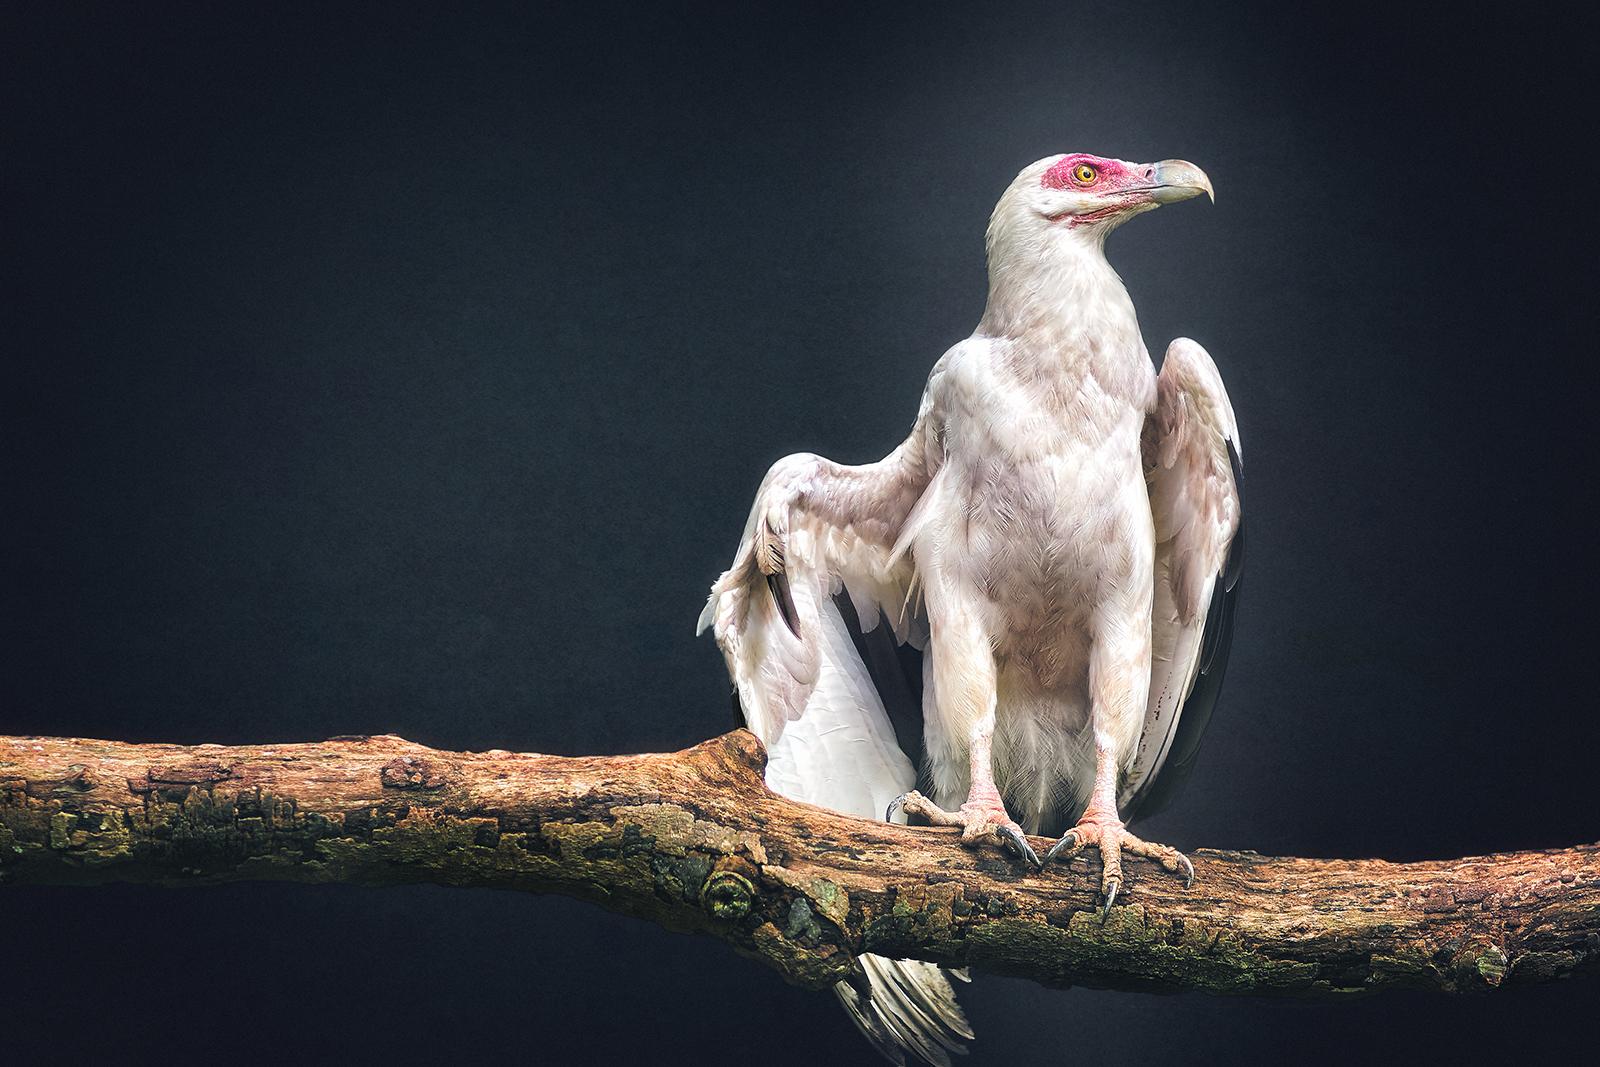 Portrait of a Palm-nut Vulture